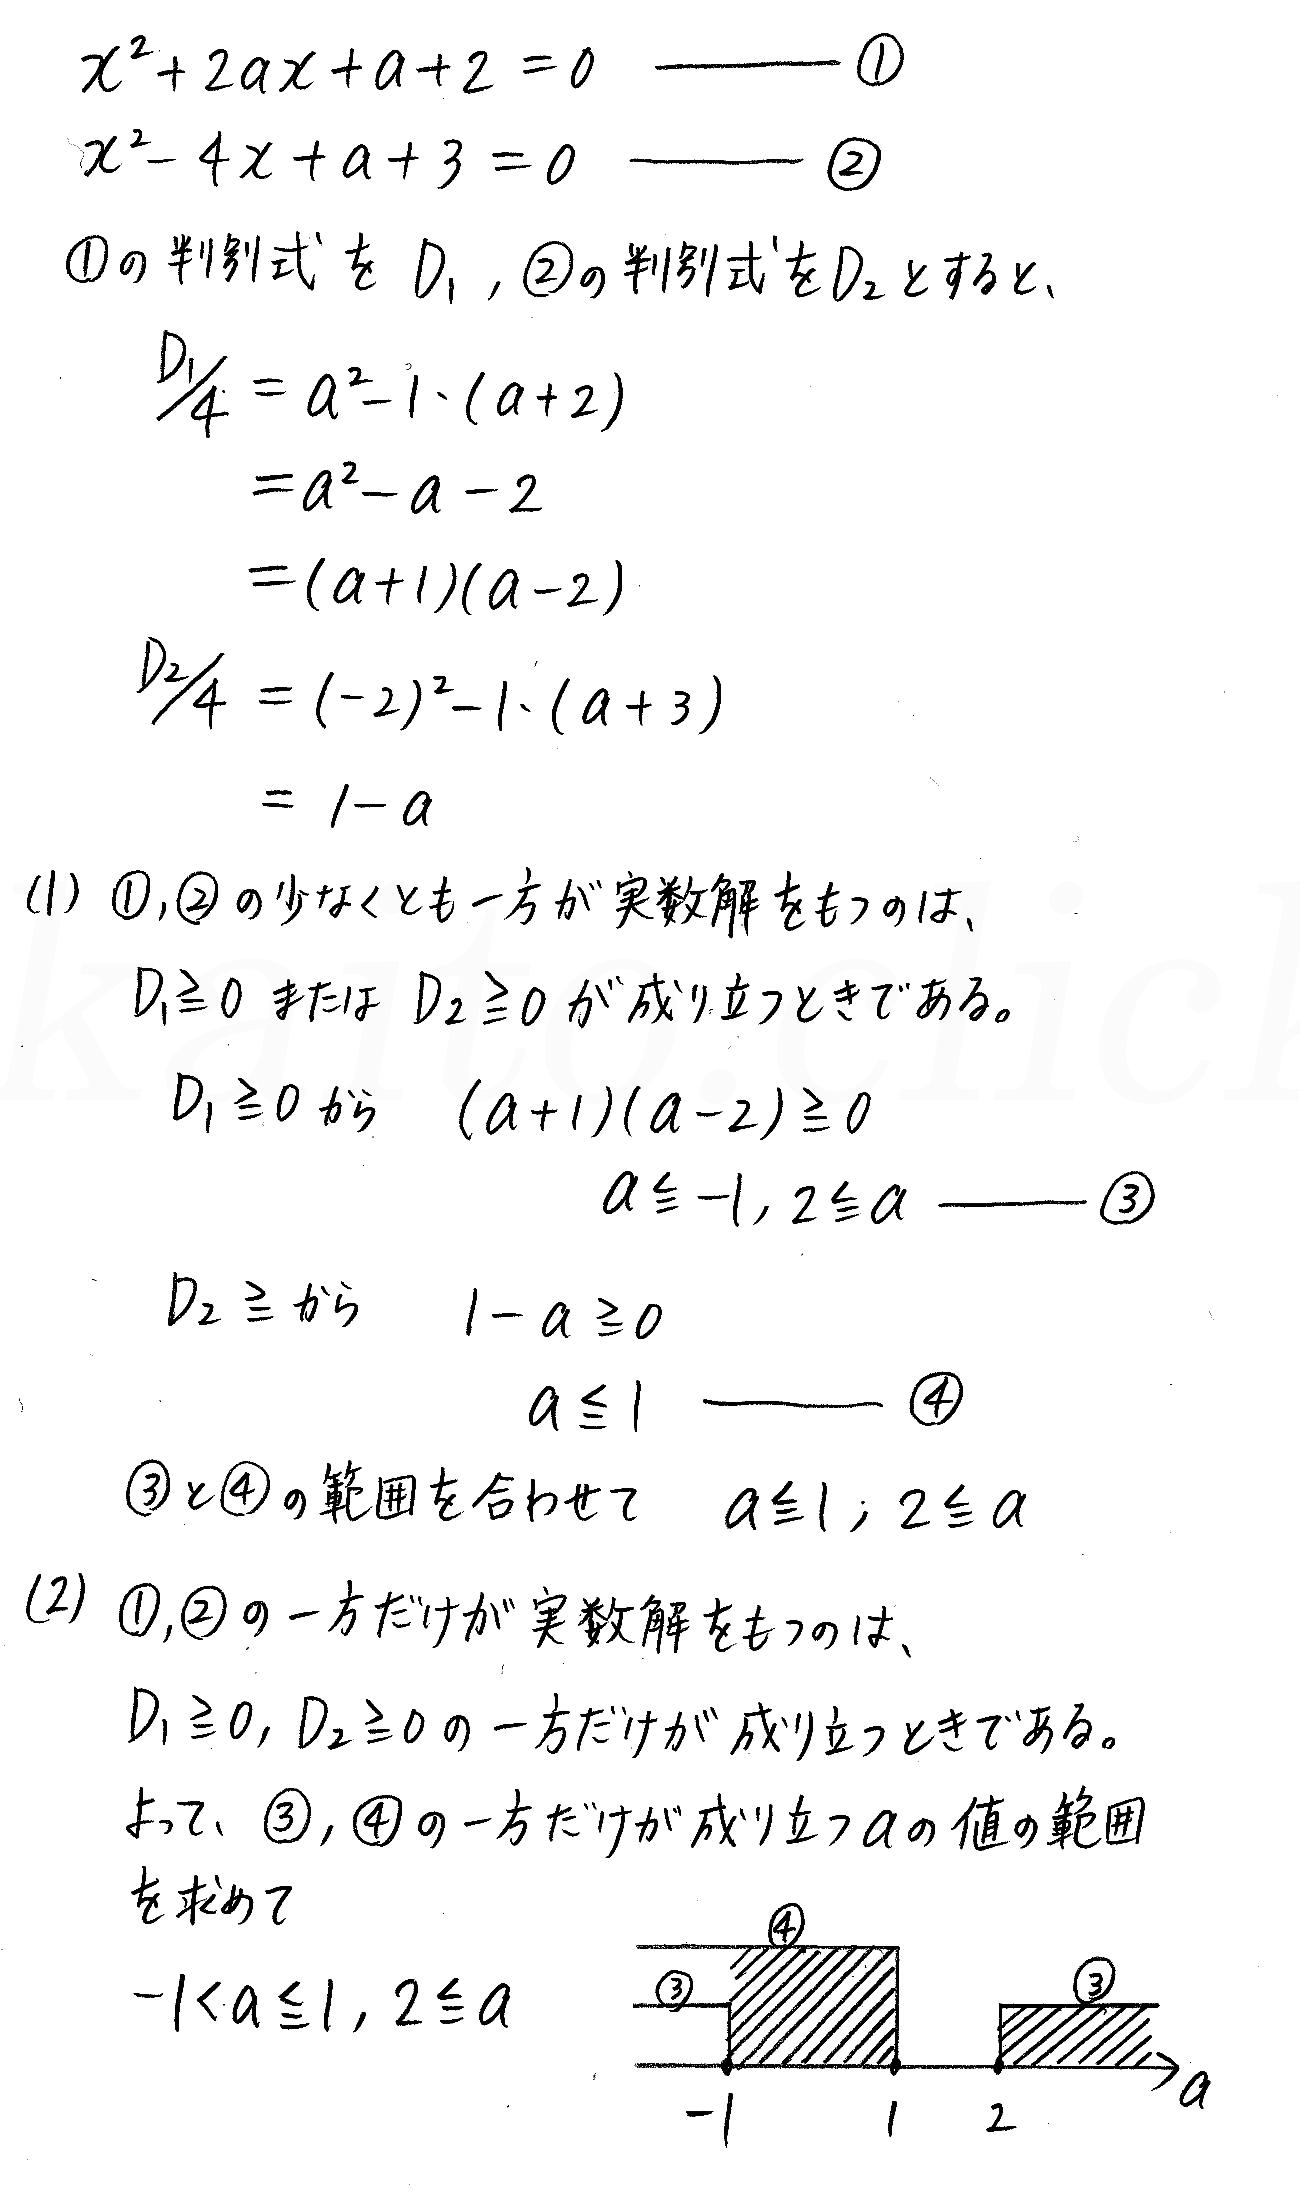 クリアー数学2-98解答